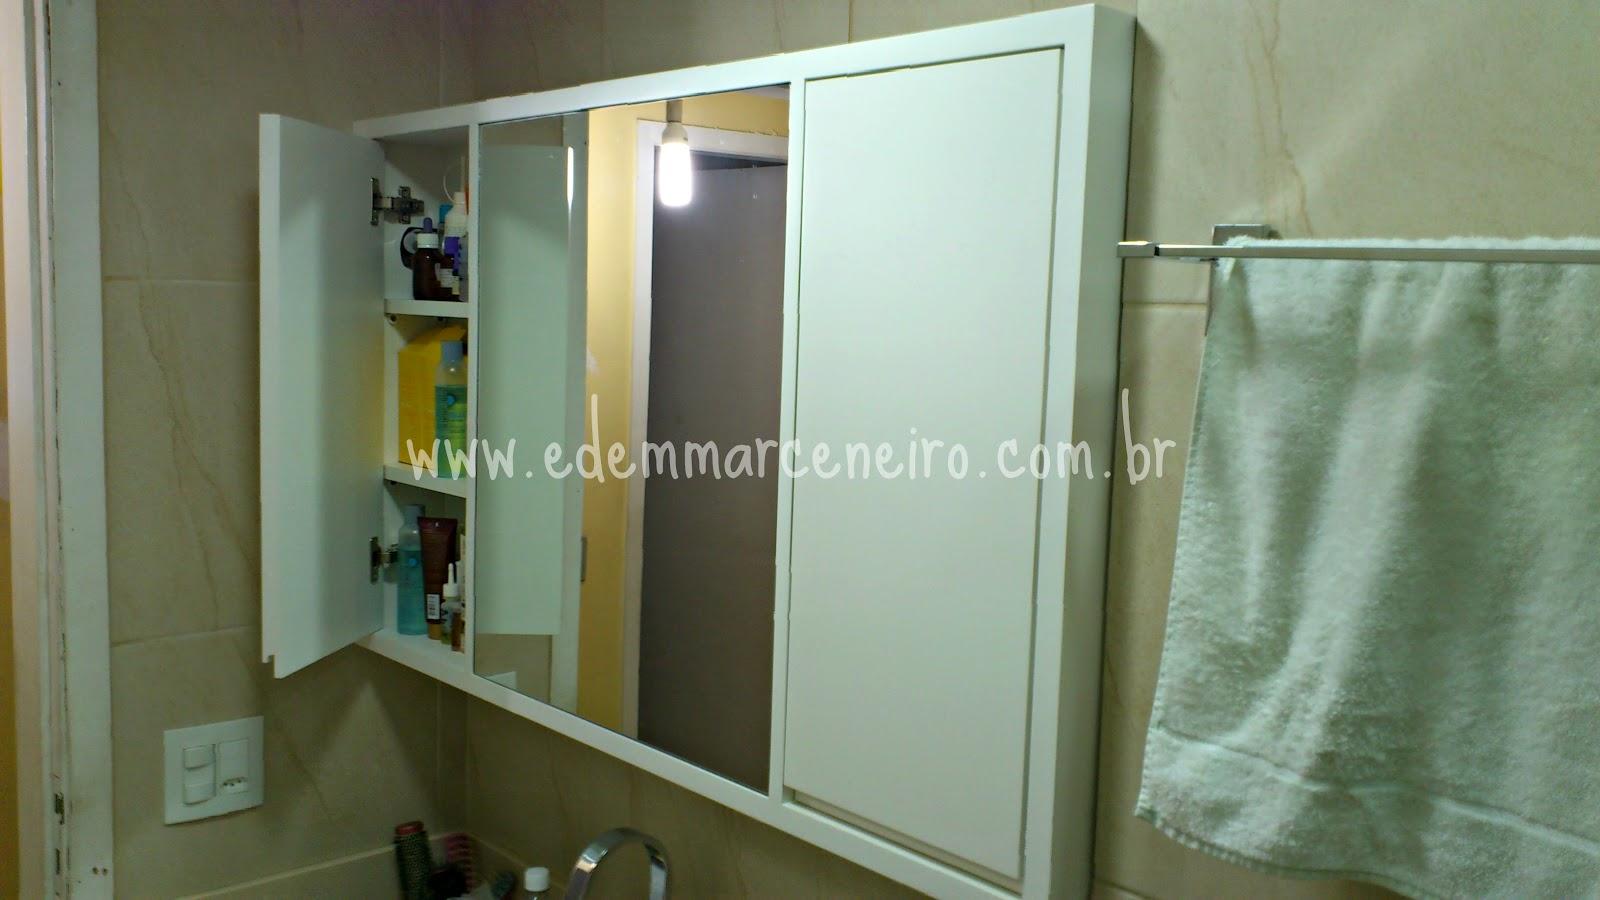 Armário Laqueado para banheiro com espelho Edem Marceneiro #887A43 1600x900 Banheiro Armario Com Espelho